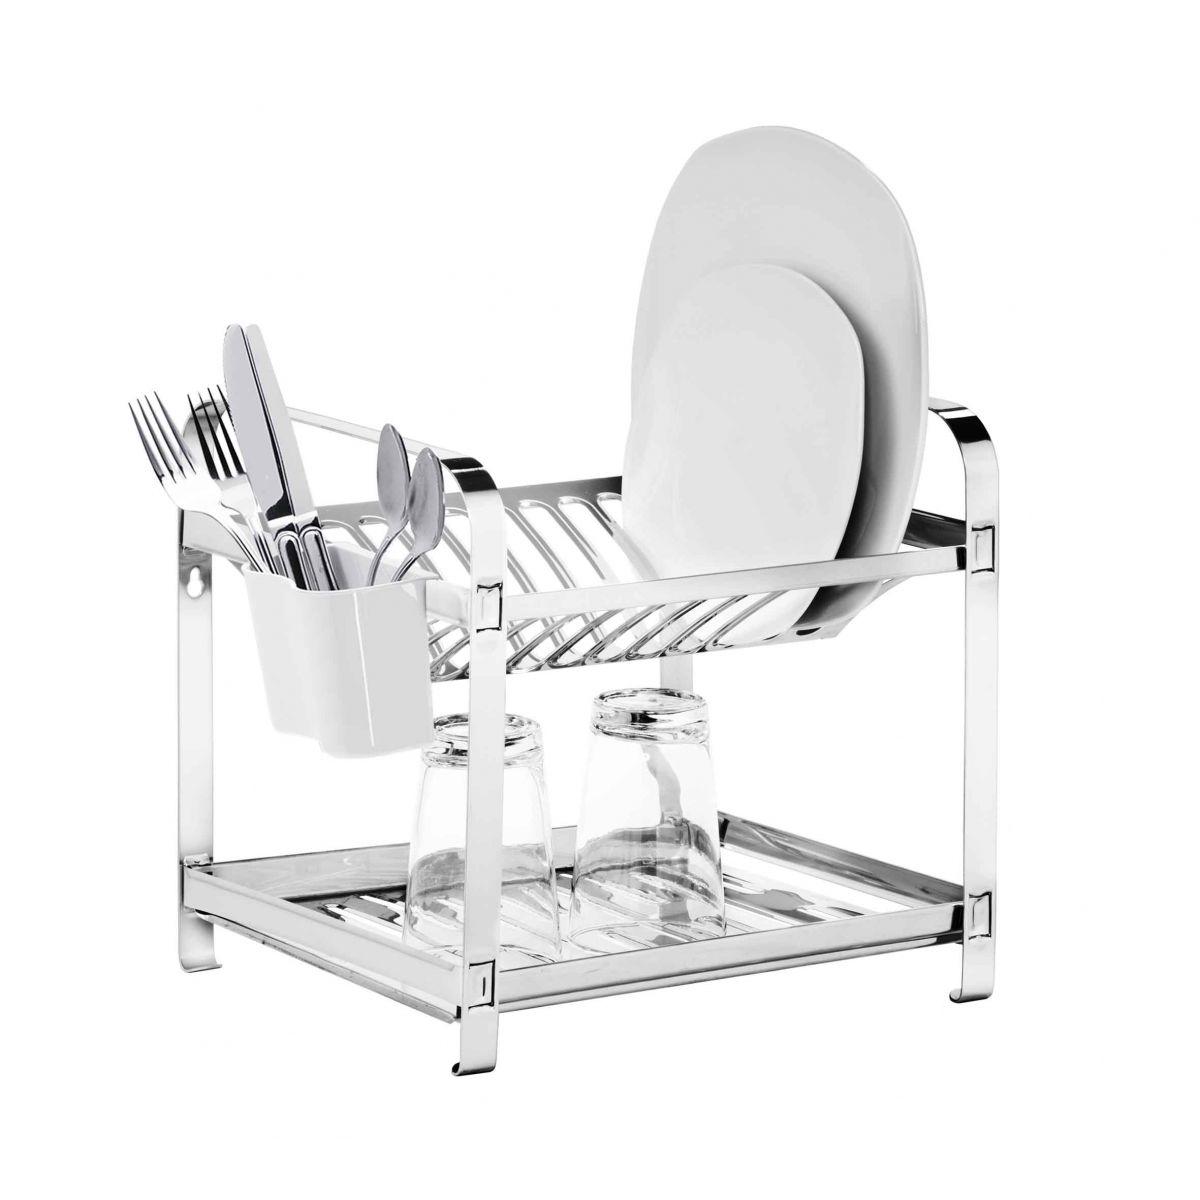 Escorredor  12 pratos Montado Inox com Porta Talheres em Plástico Mak-Inox